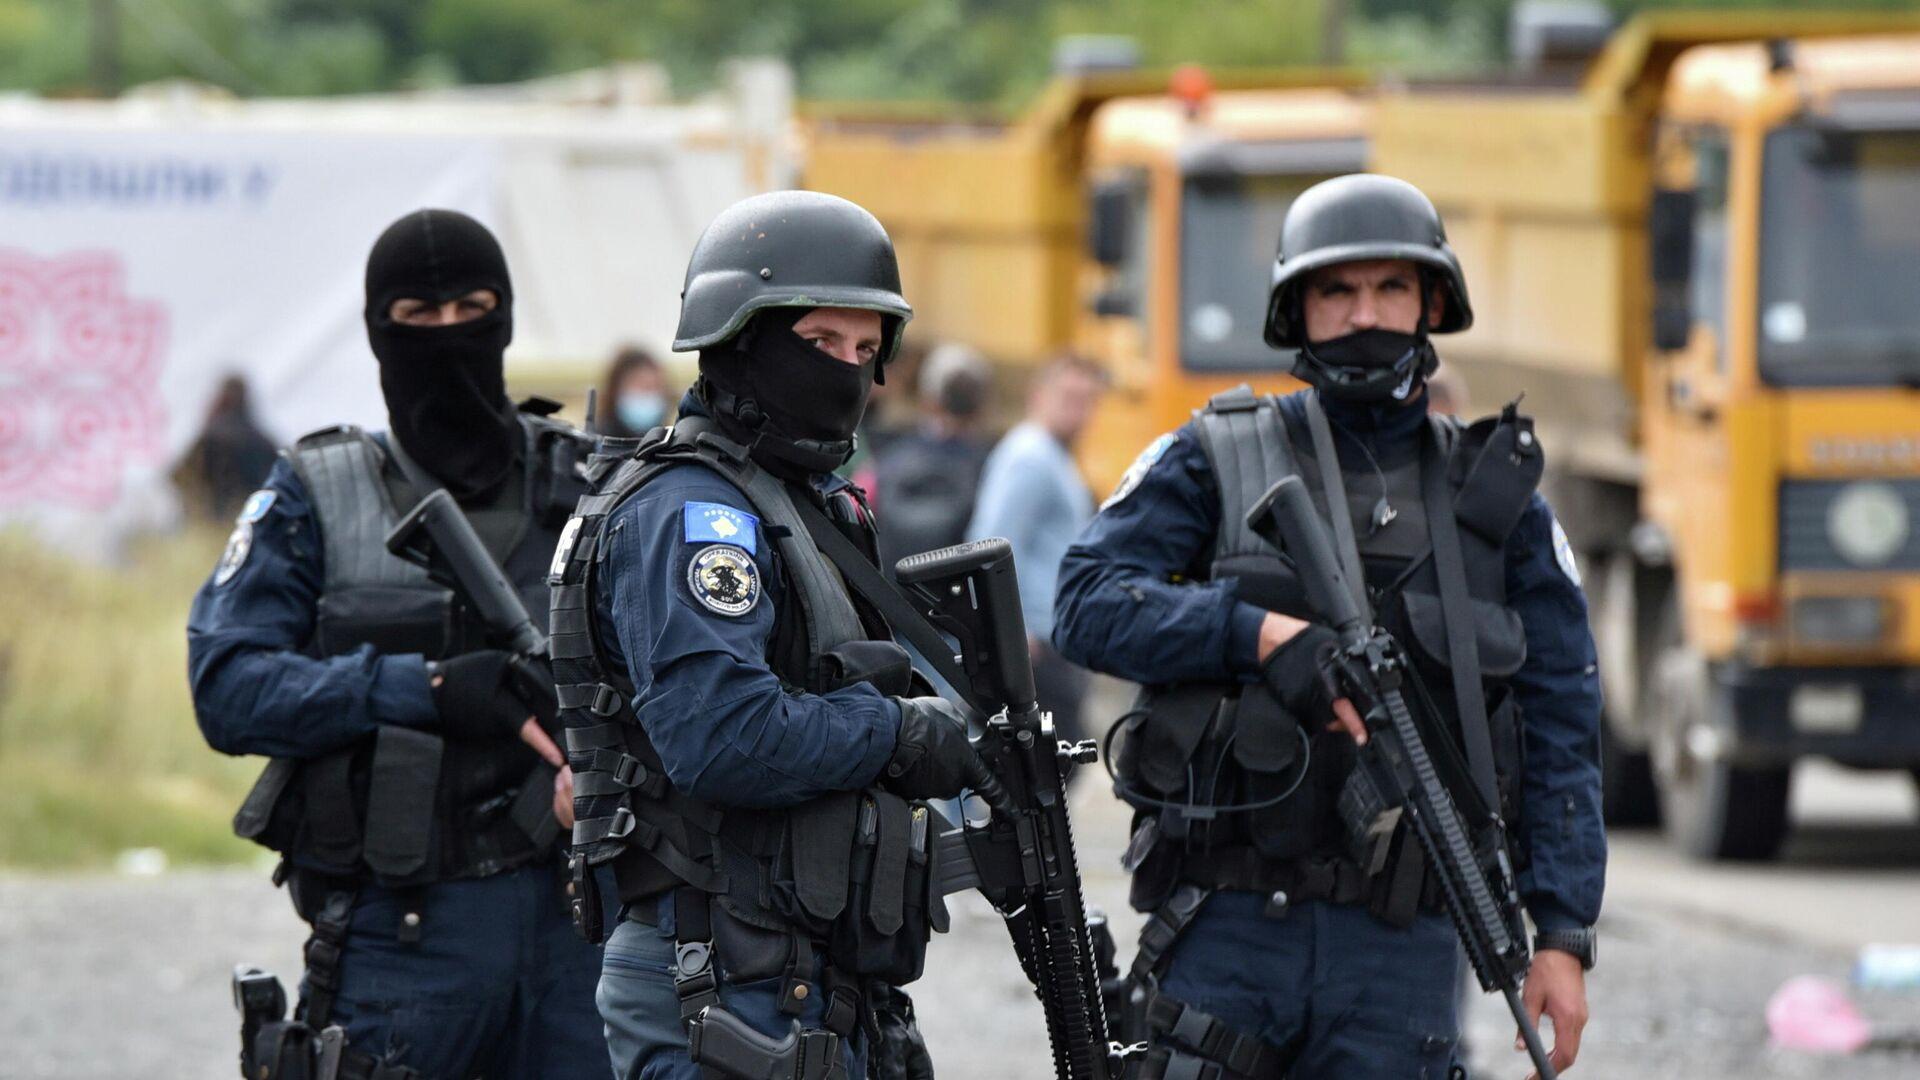 Спецназ полиции Косово во время протестов косовских сербов в Яринье - Sputnik Latvija, 1920, 30.09.2021